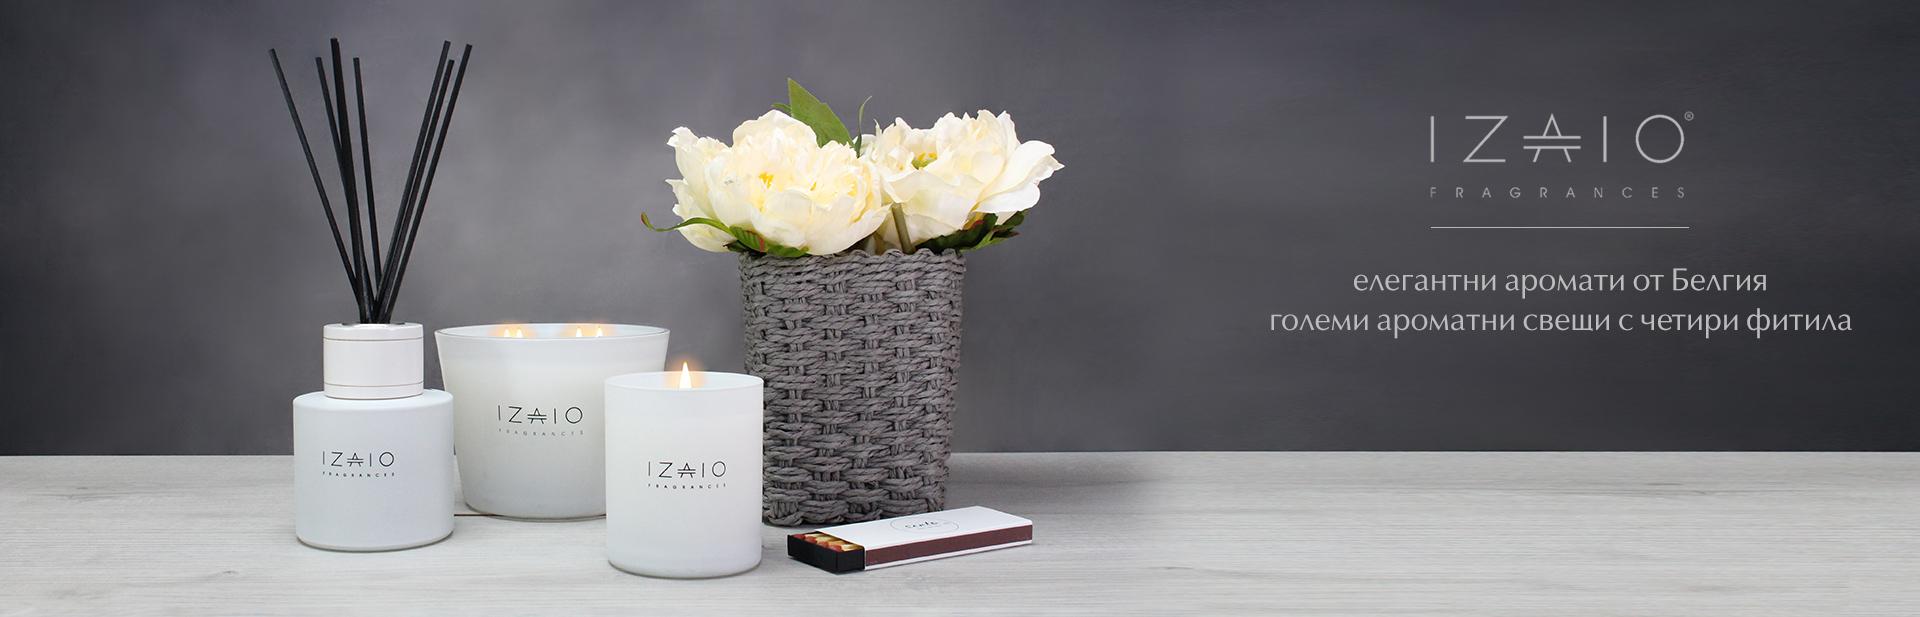 Луксозни ароматни свещи и дифузери Izaio Fragrances, романтичен подарък за Свети Валентин